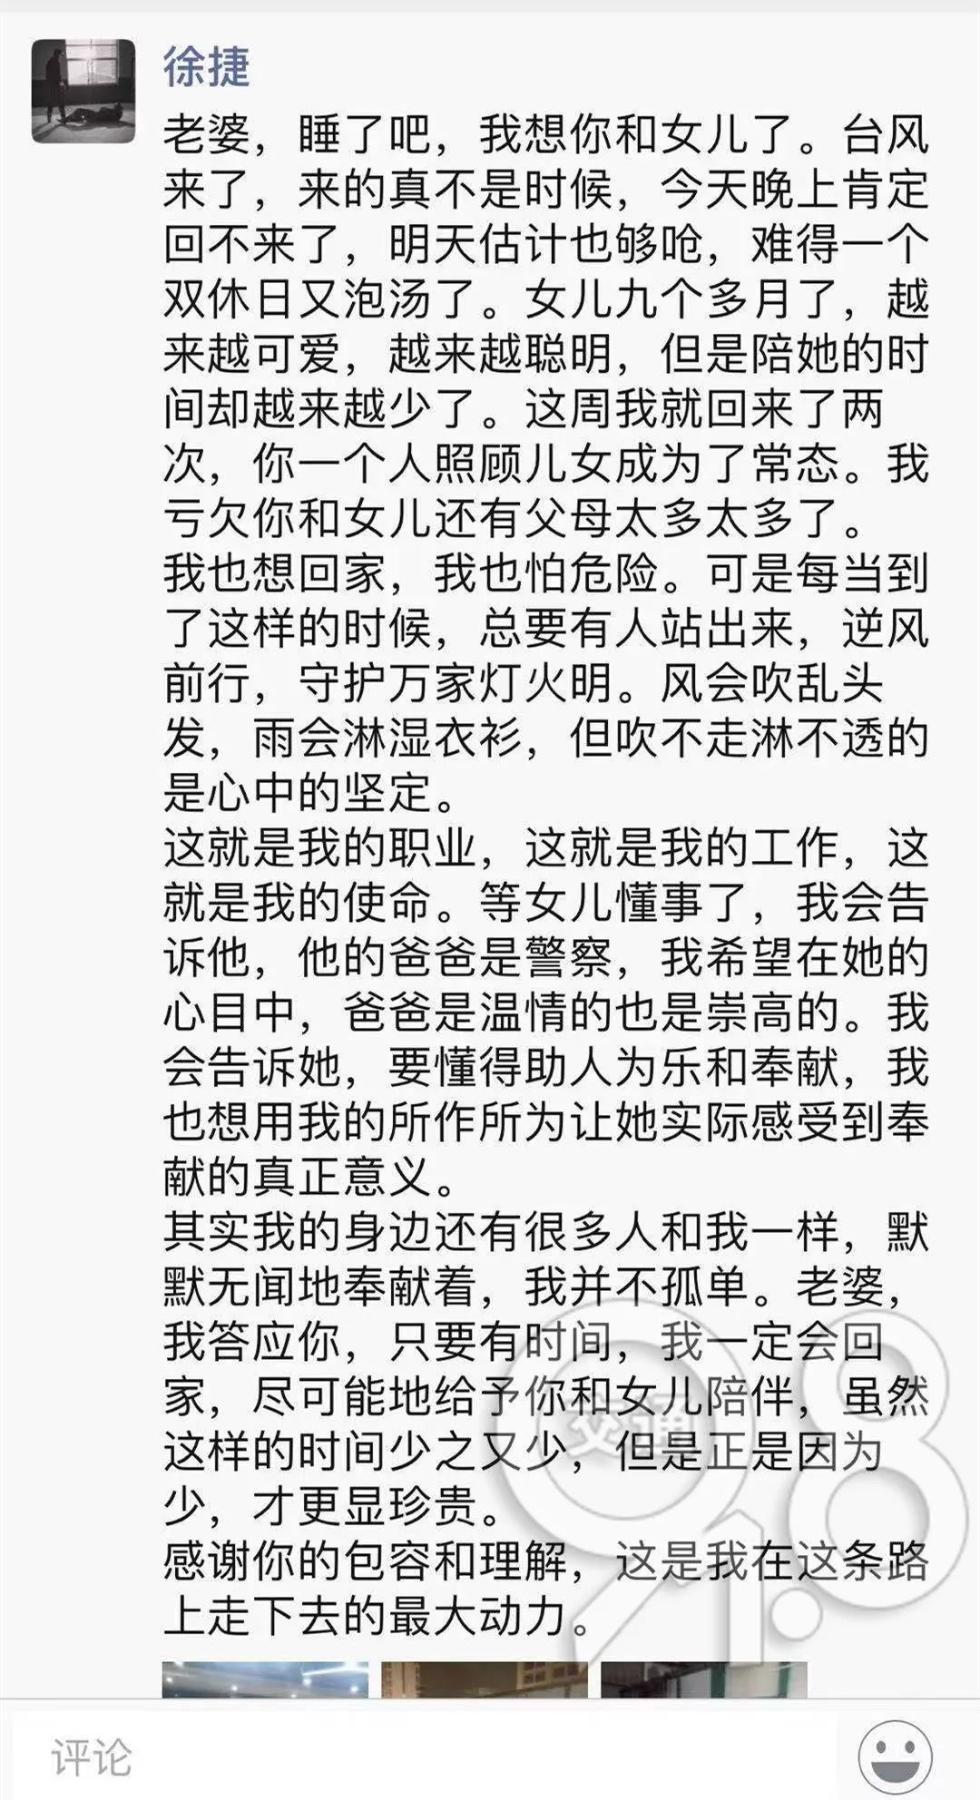 台风夜,杭州民警的朋友圈让人泪目!!!